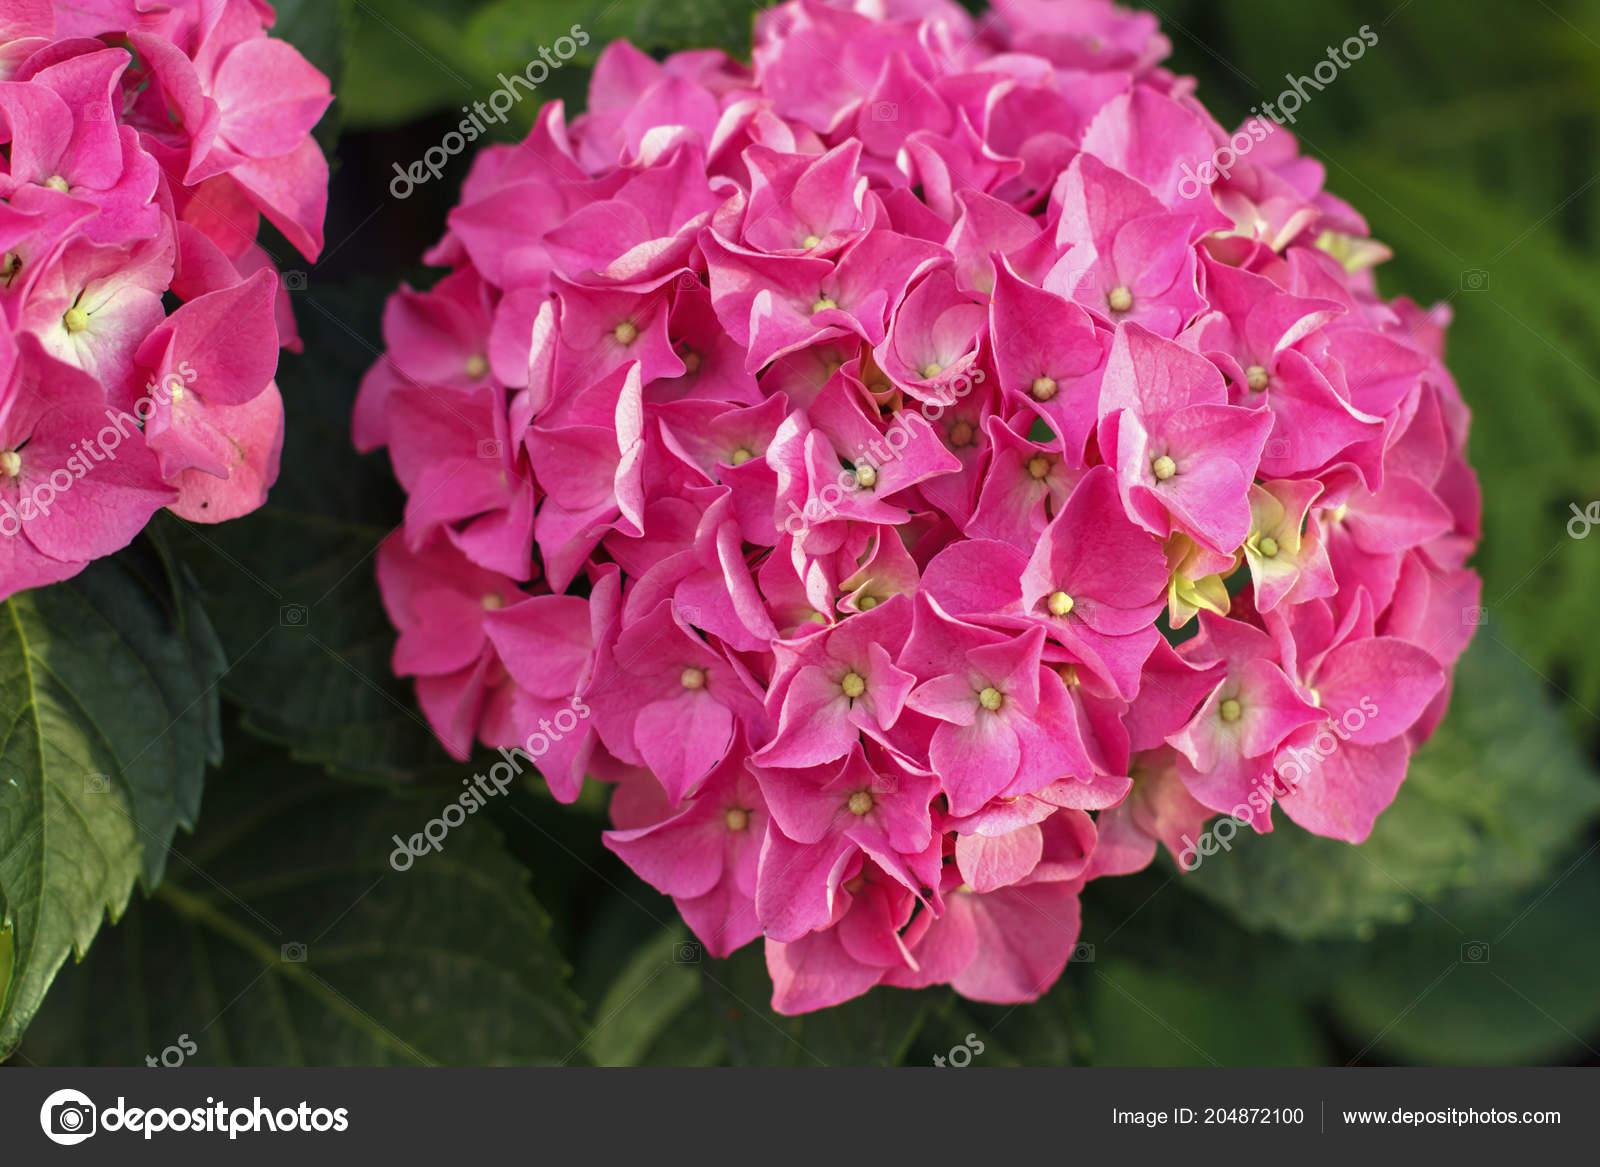 Hortense Eine Rosa Bluhende Hortensie Busch Zimmerpflanzen Die